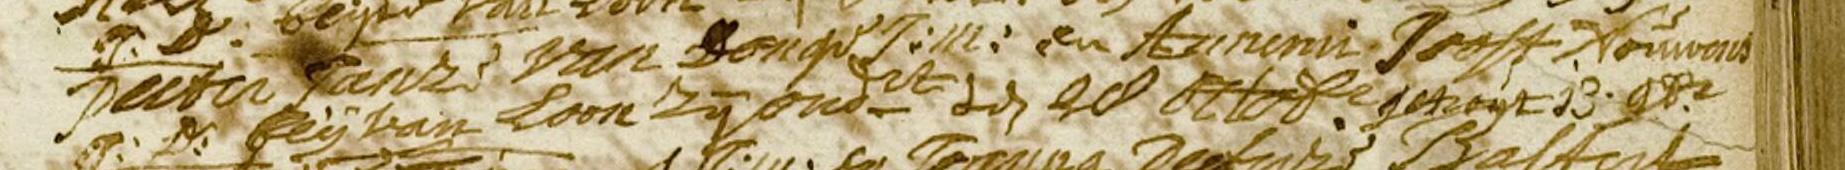 huwelijk-peter-jansz-van-dongen-en-annamarie-nouwens-13-nov-1729